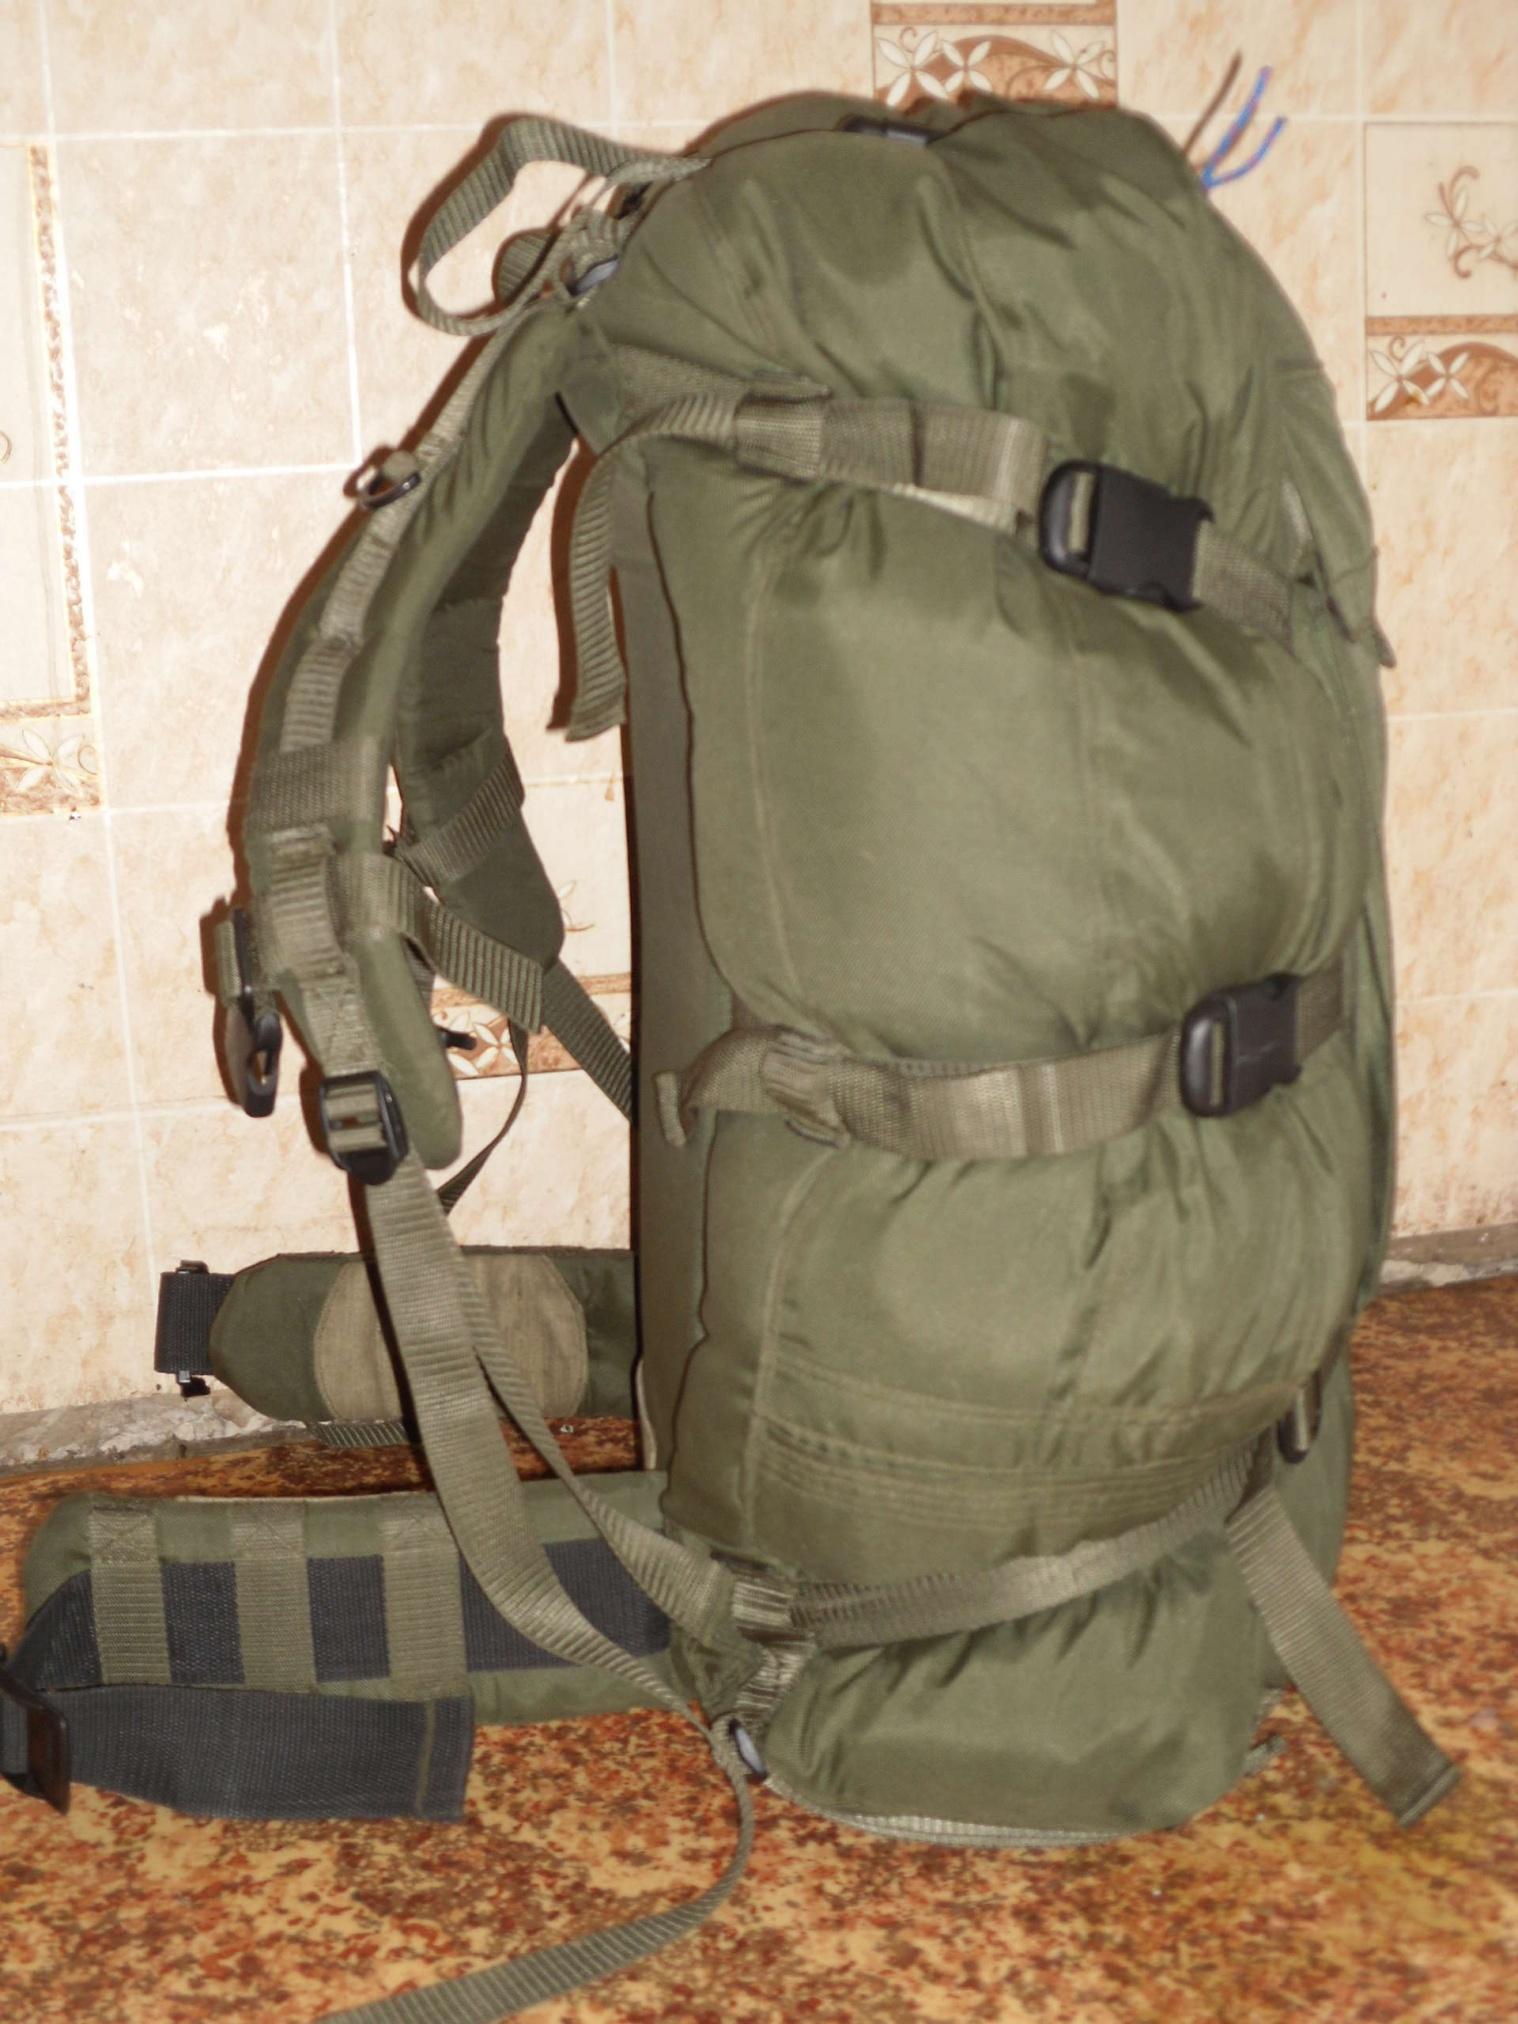 Выкройки рюкзака туристический рюкзак для школьника reima